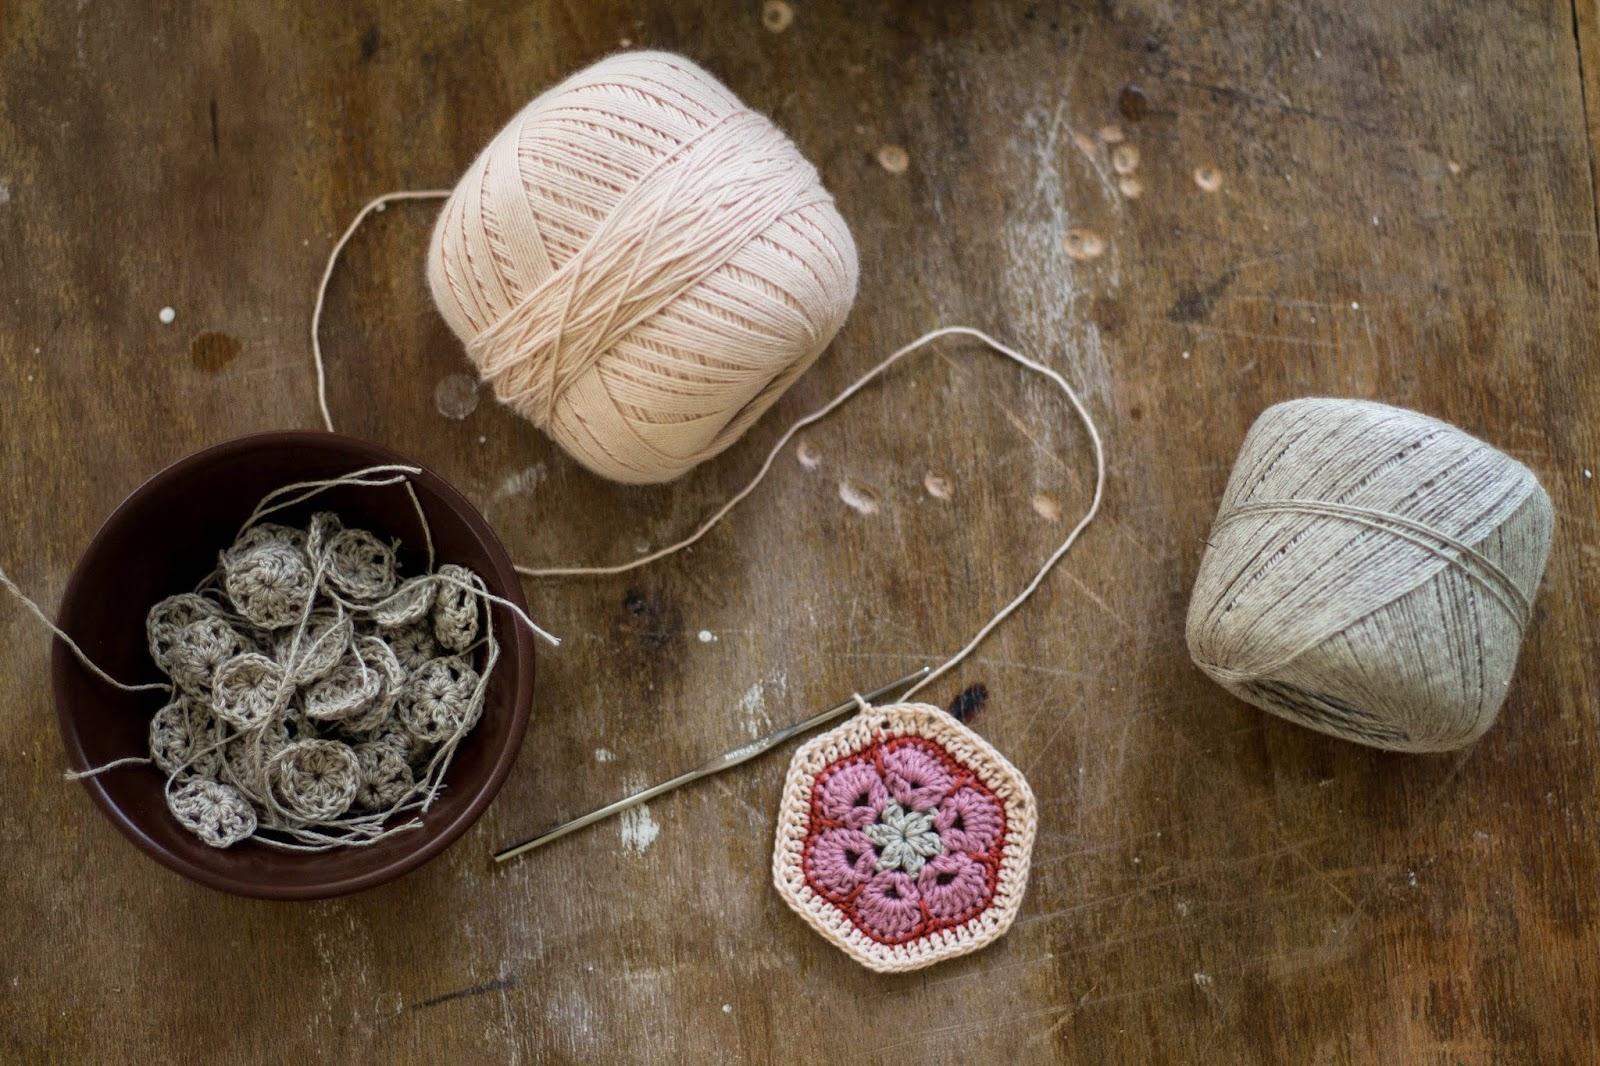 афганский мотив, плед из мотивов, красивый мотив, мотив, мотивы крючком, разноцветные мотивы, разноцветные мотивы крючком, вязание крючком, пристроить остатки пряжи, что сделать из остатков пряжи, идеи из остатков пряжи